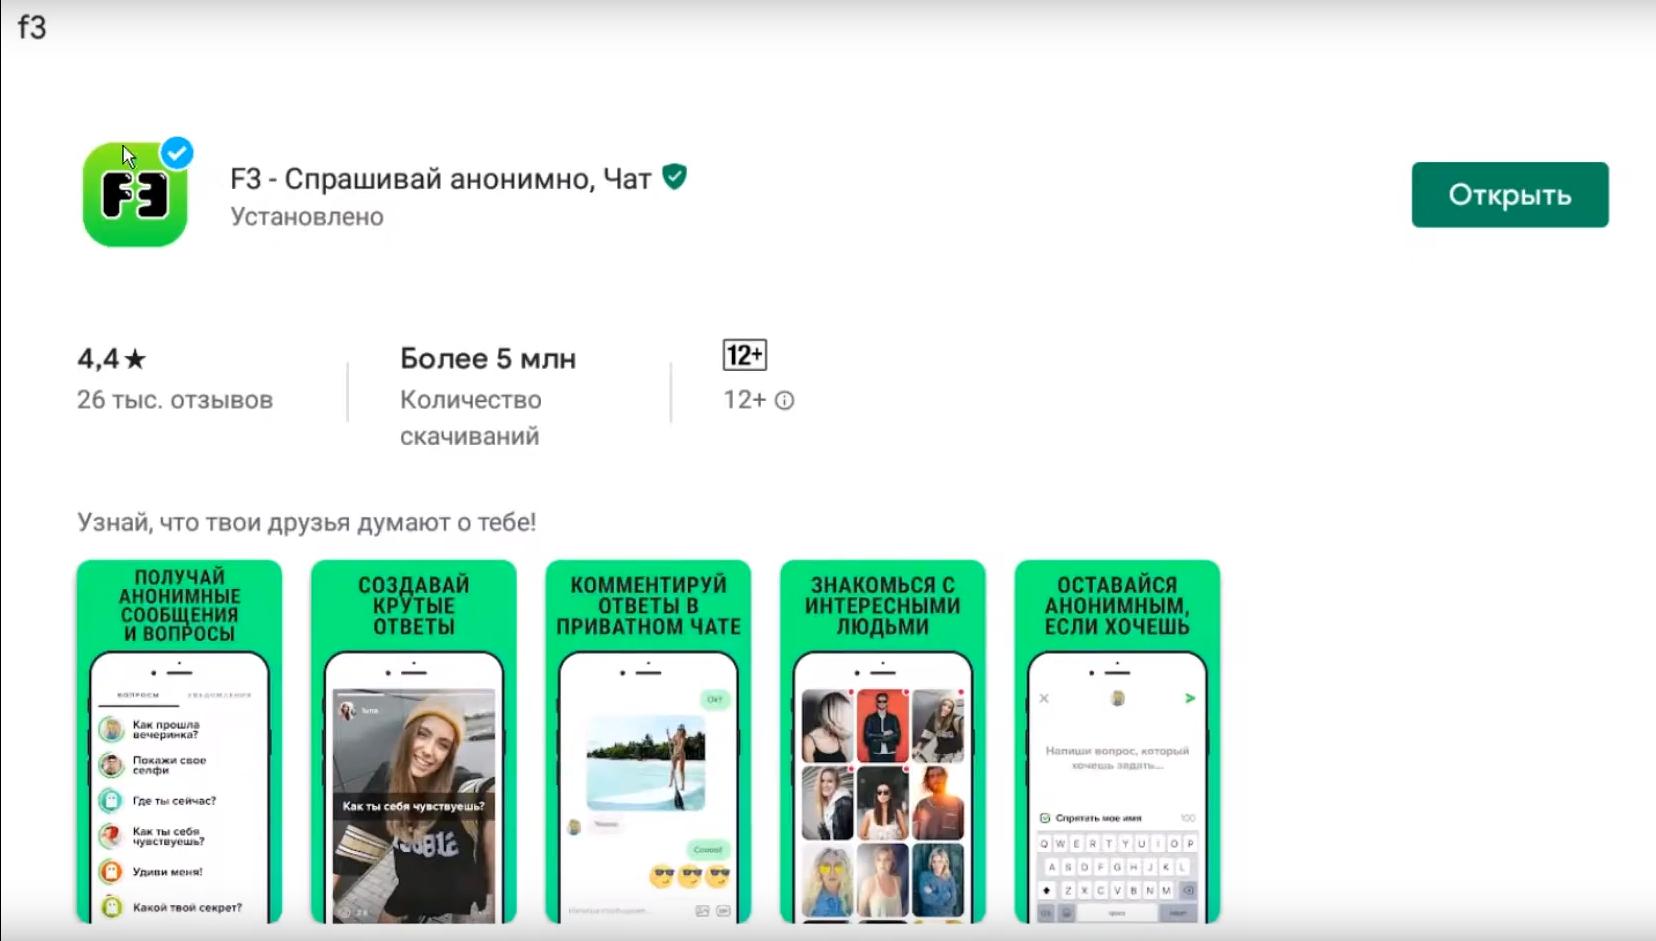 F3 cool – регистрация на русском языке через компьютер